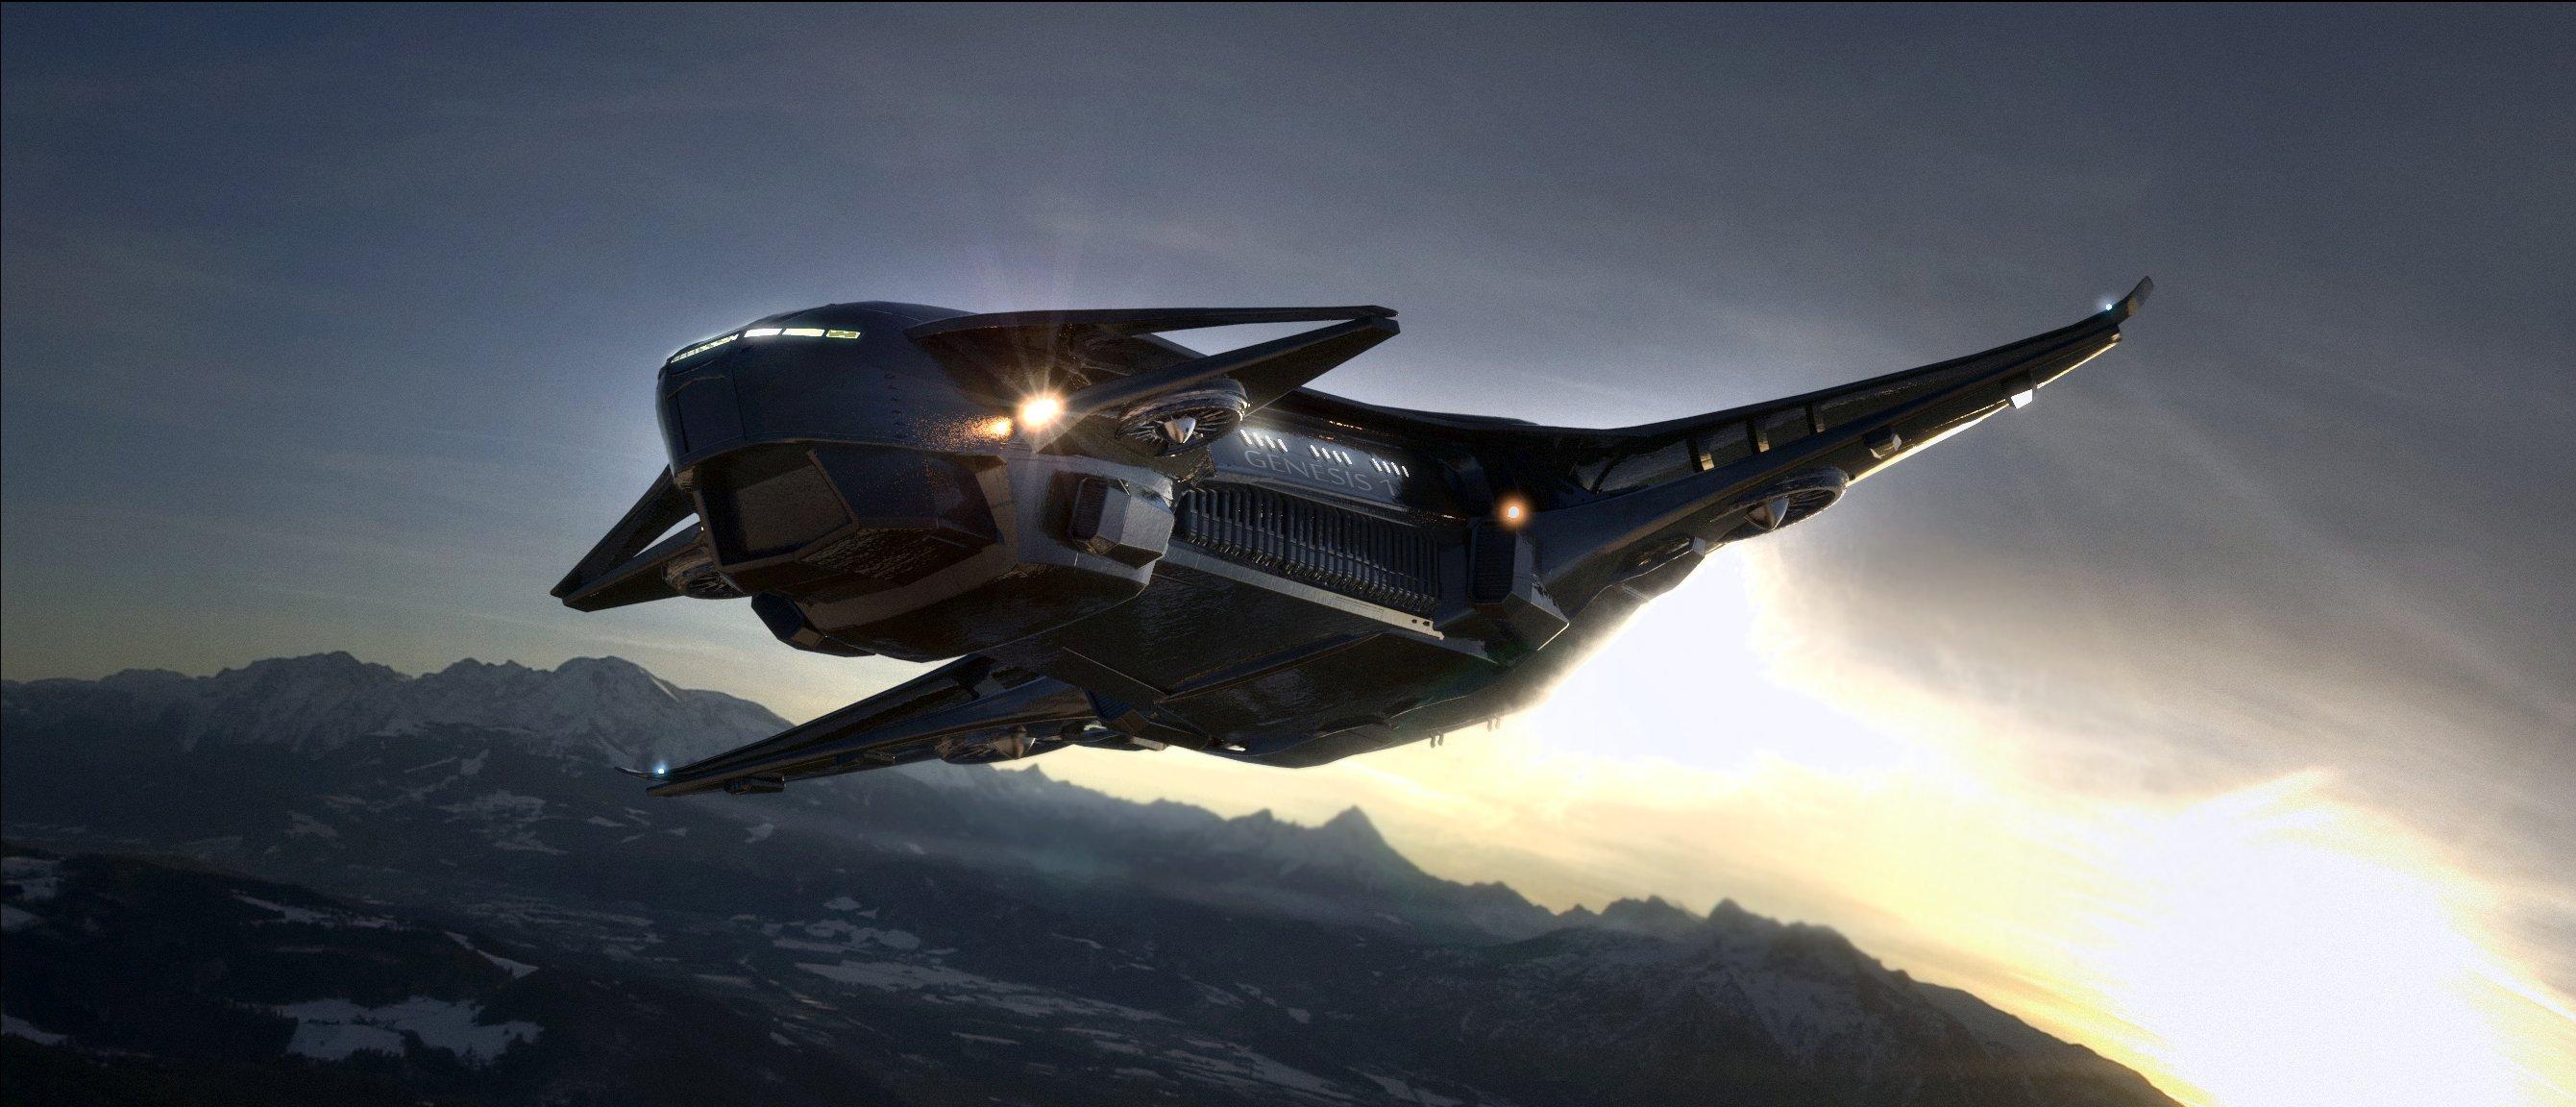 Starliner_action4.jpg